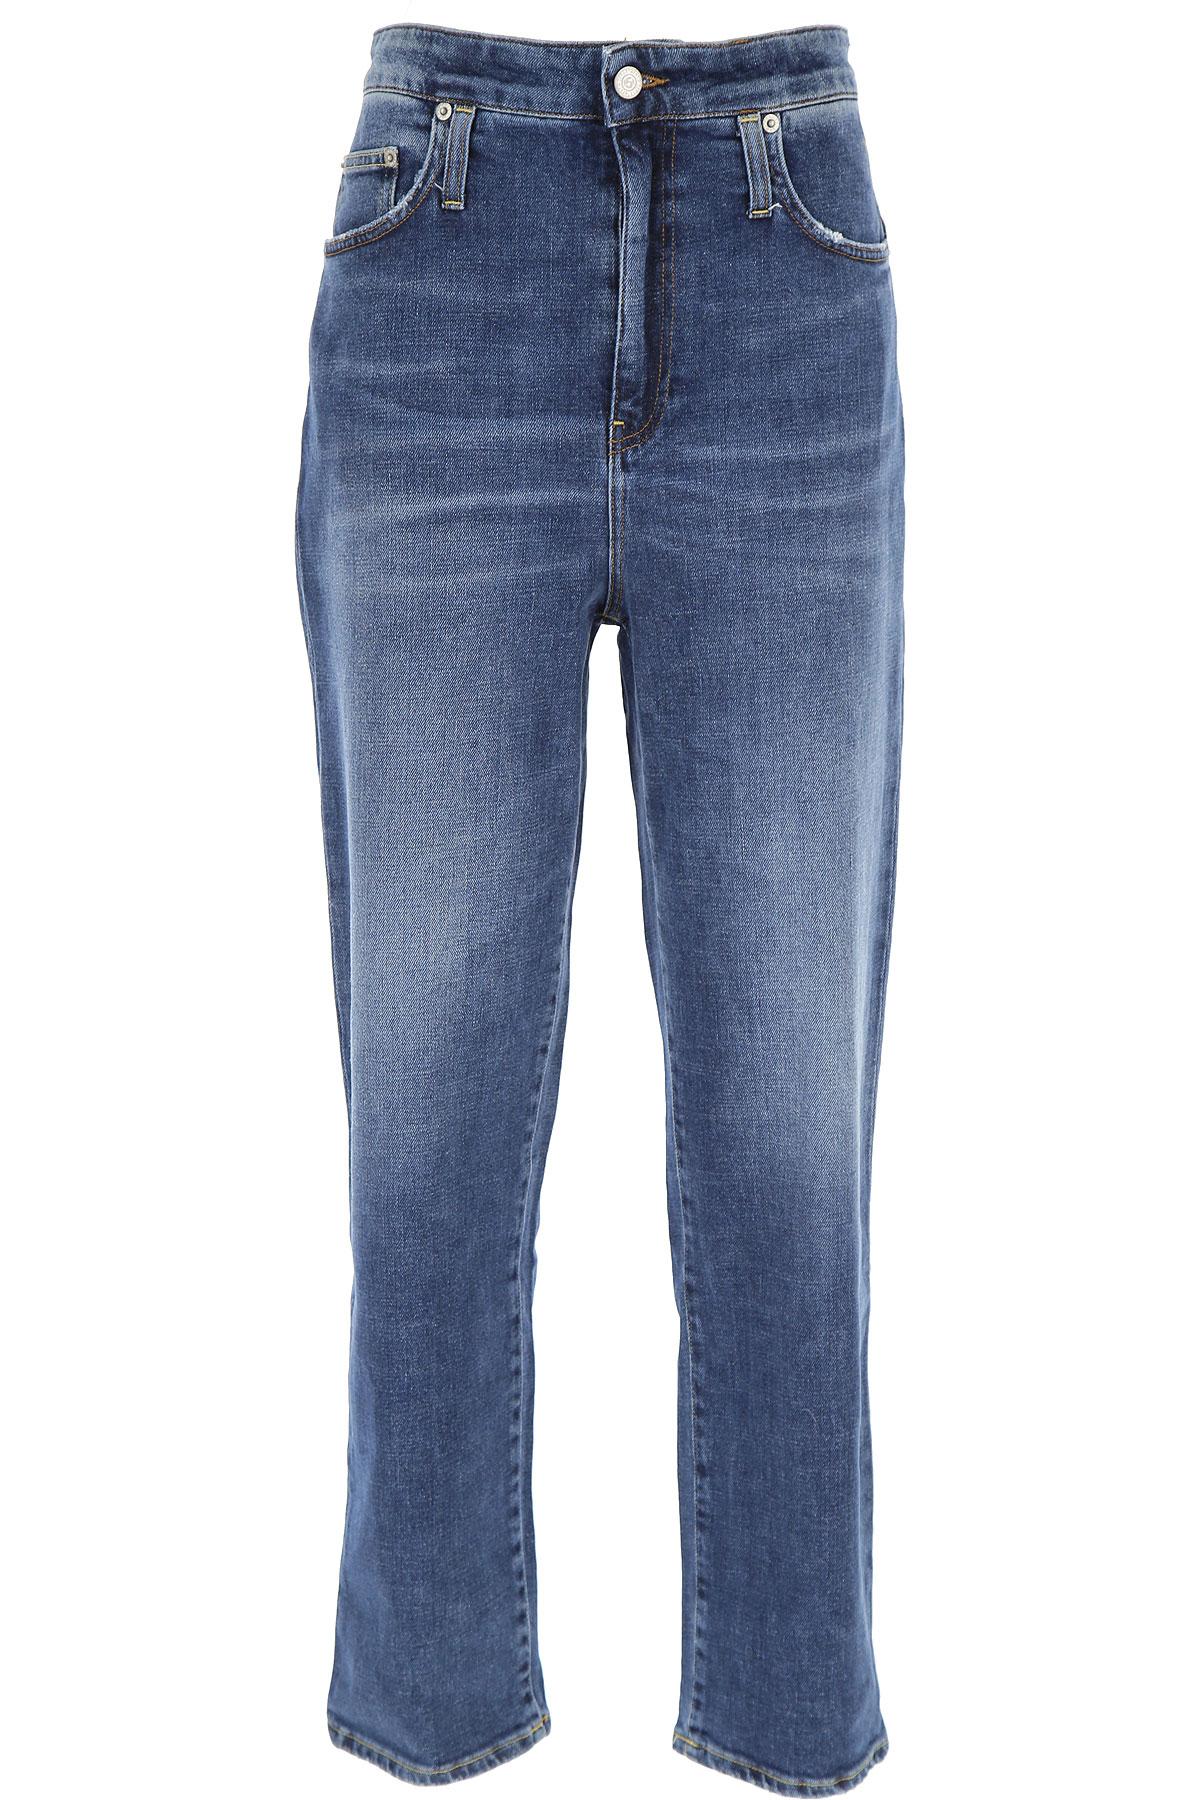 Department Five Jeans, Blue, Cotton, 2019, 25 26 27 28 29 30